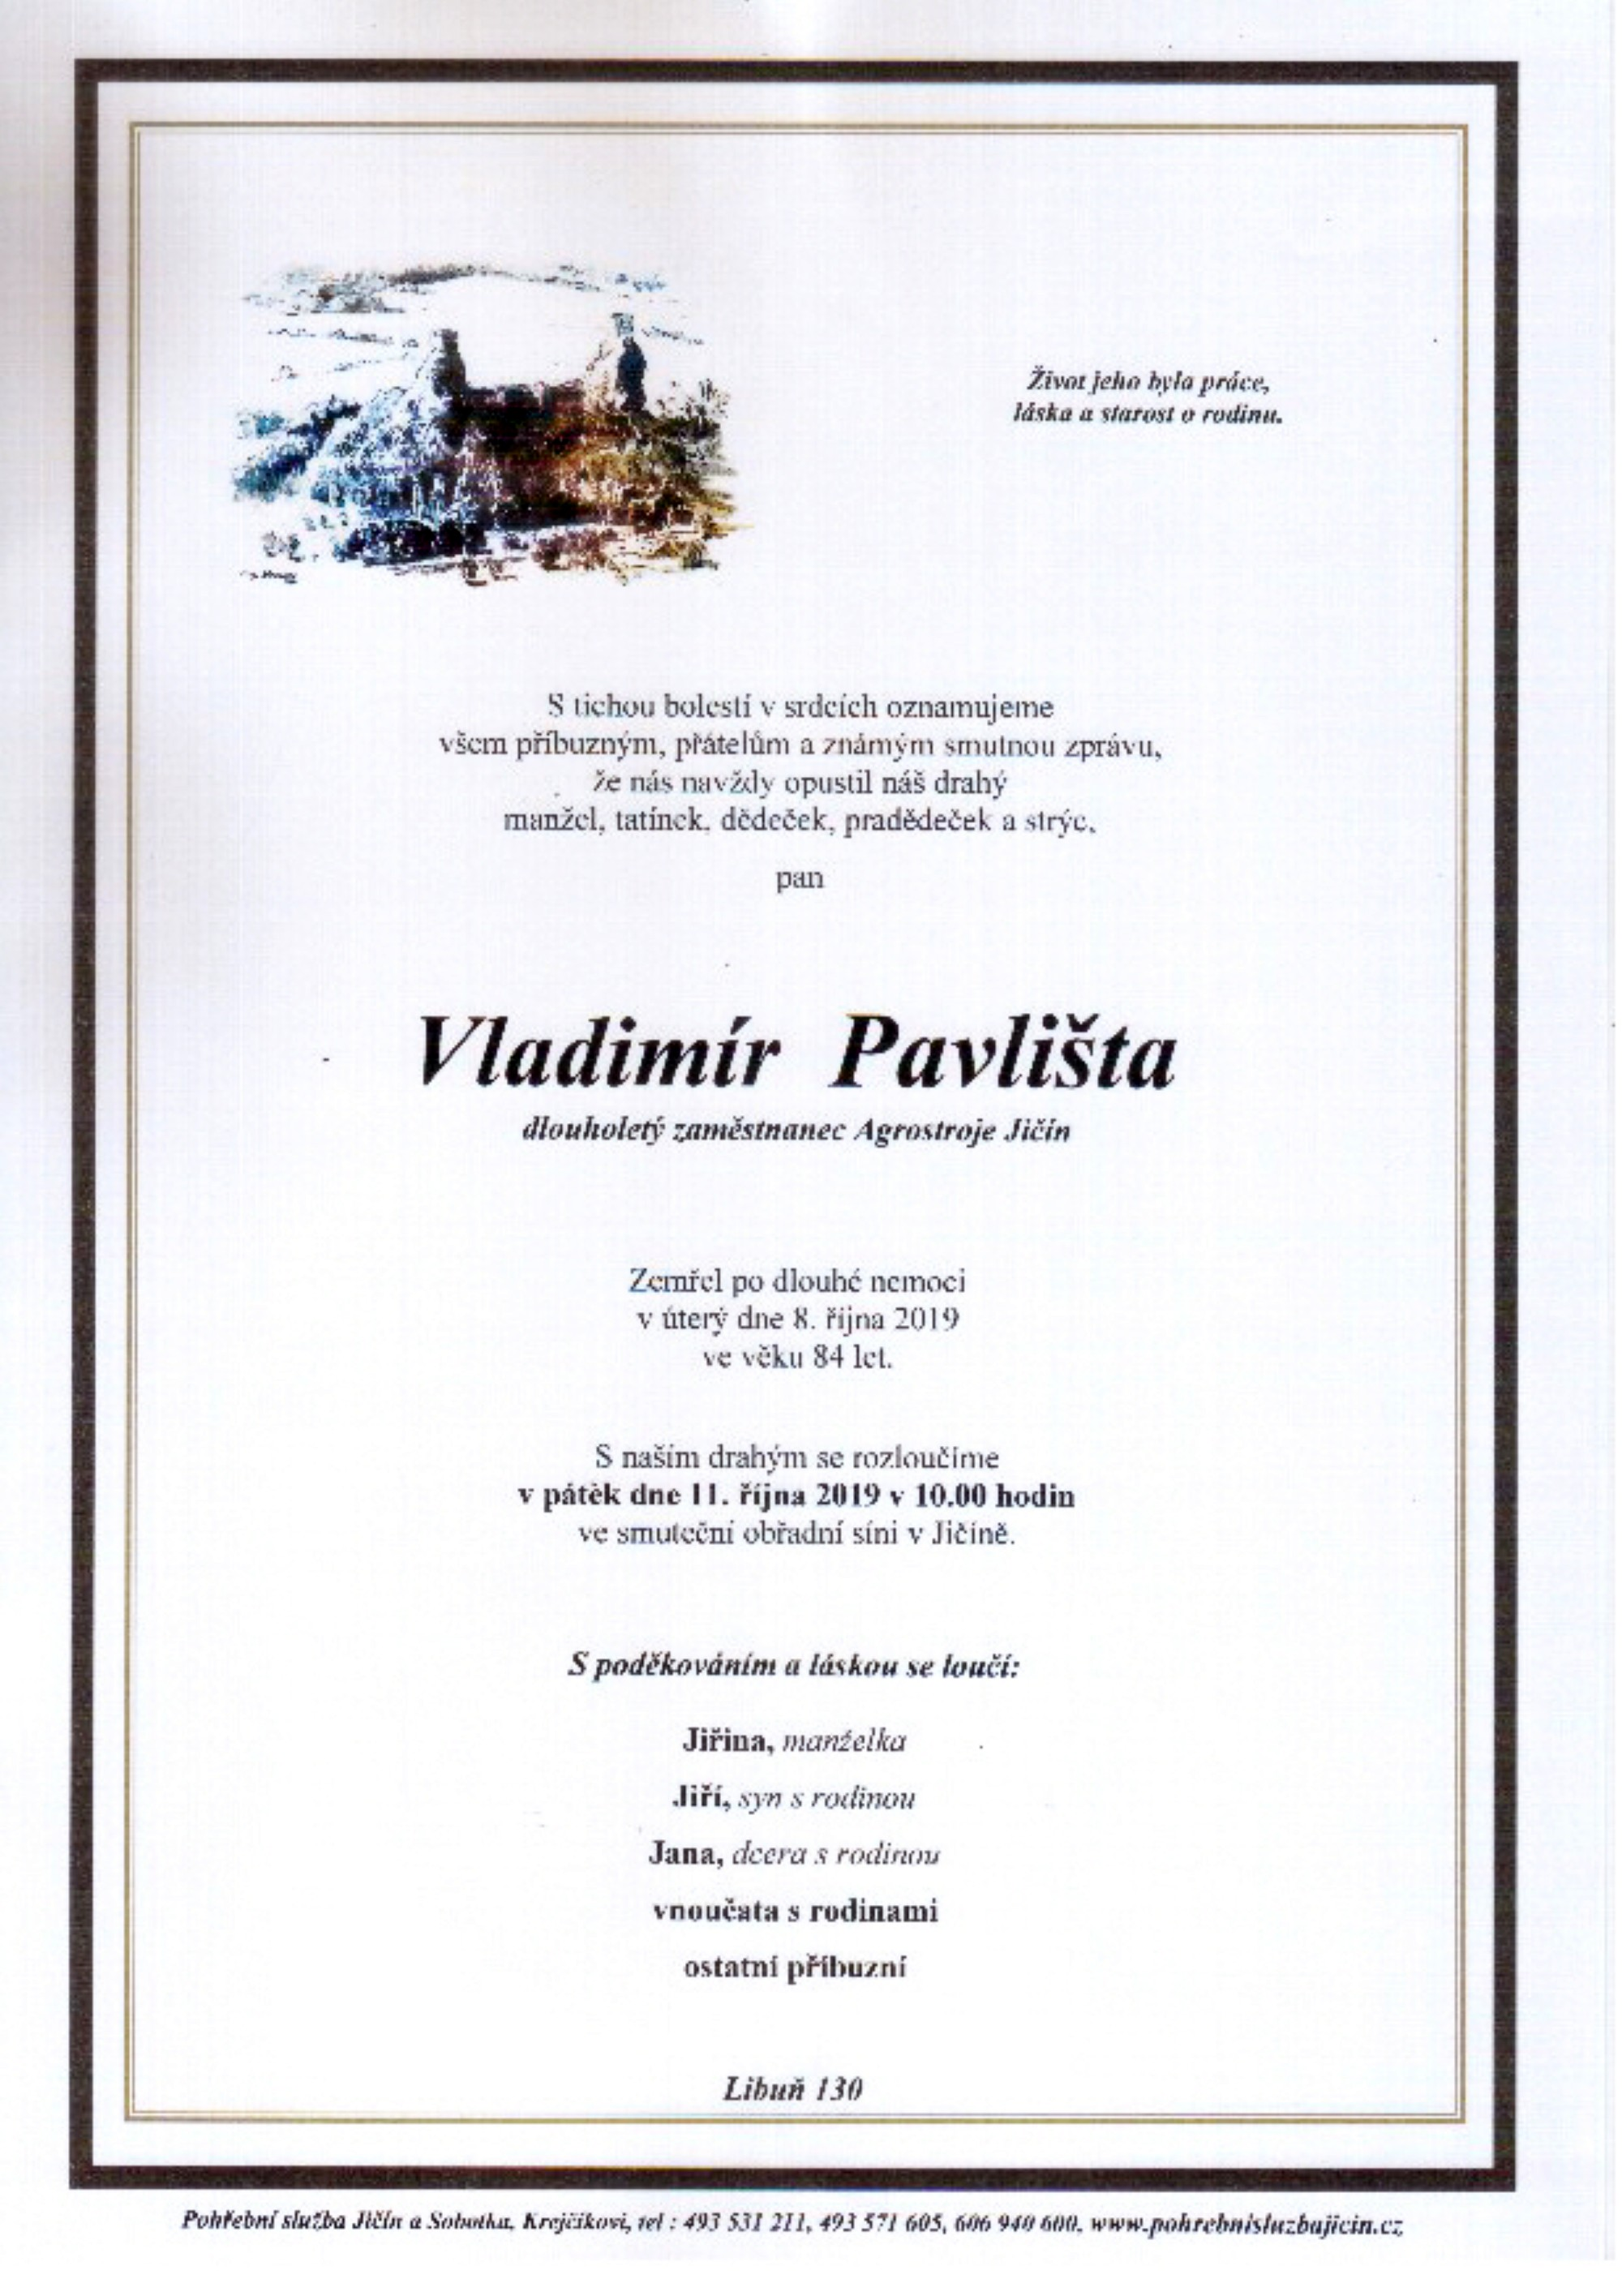 Vladimír Pavlišta